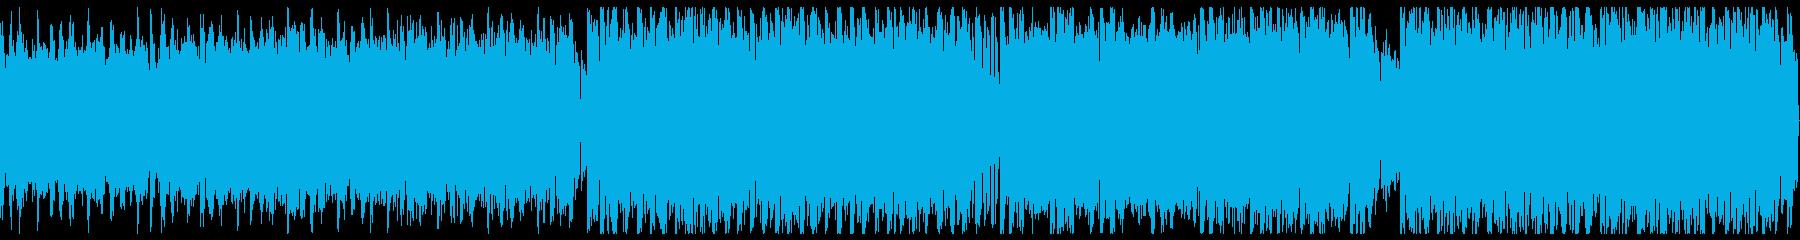 ハードな歪みのシンセでメタル風の再生済みの波形